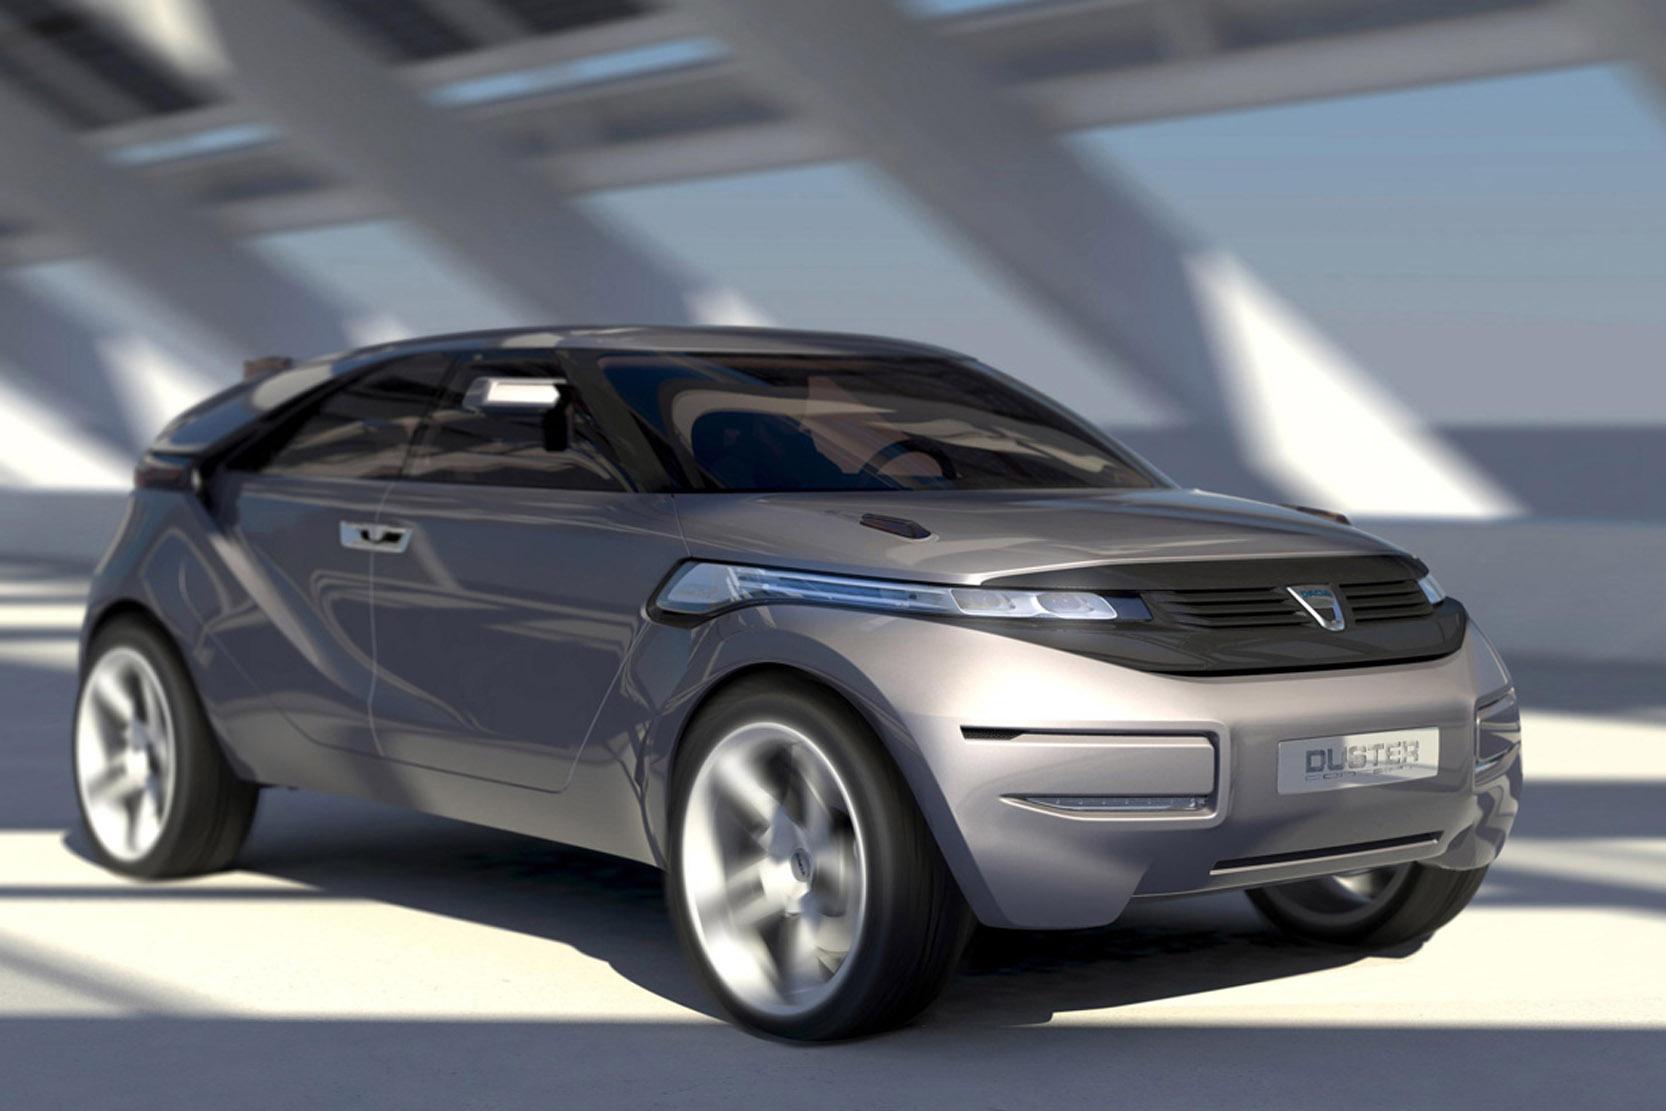 Dacia - Croissance constante Une marque en avance sur son temps